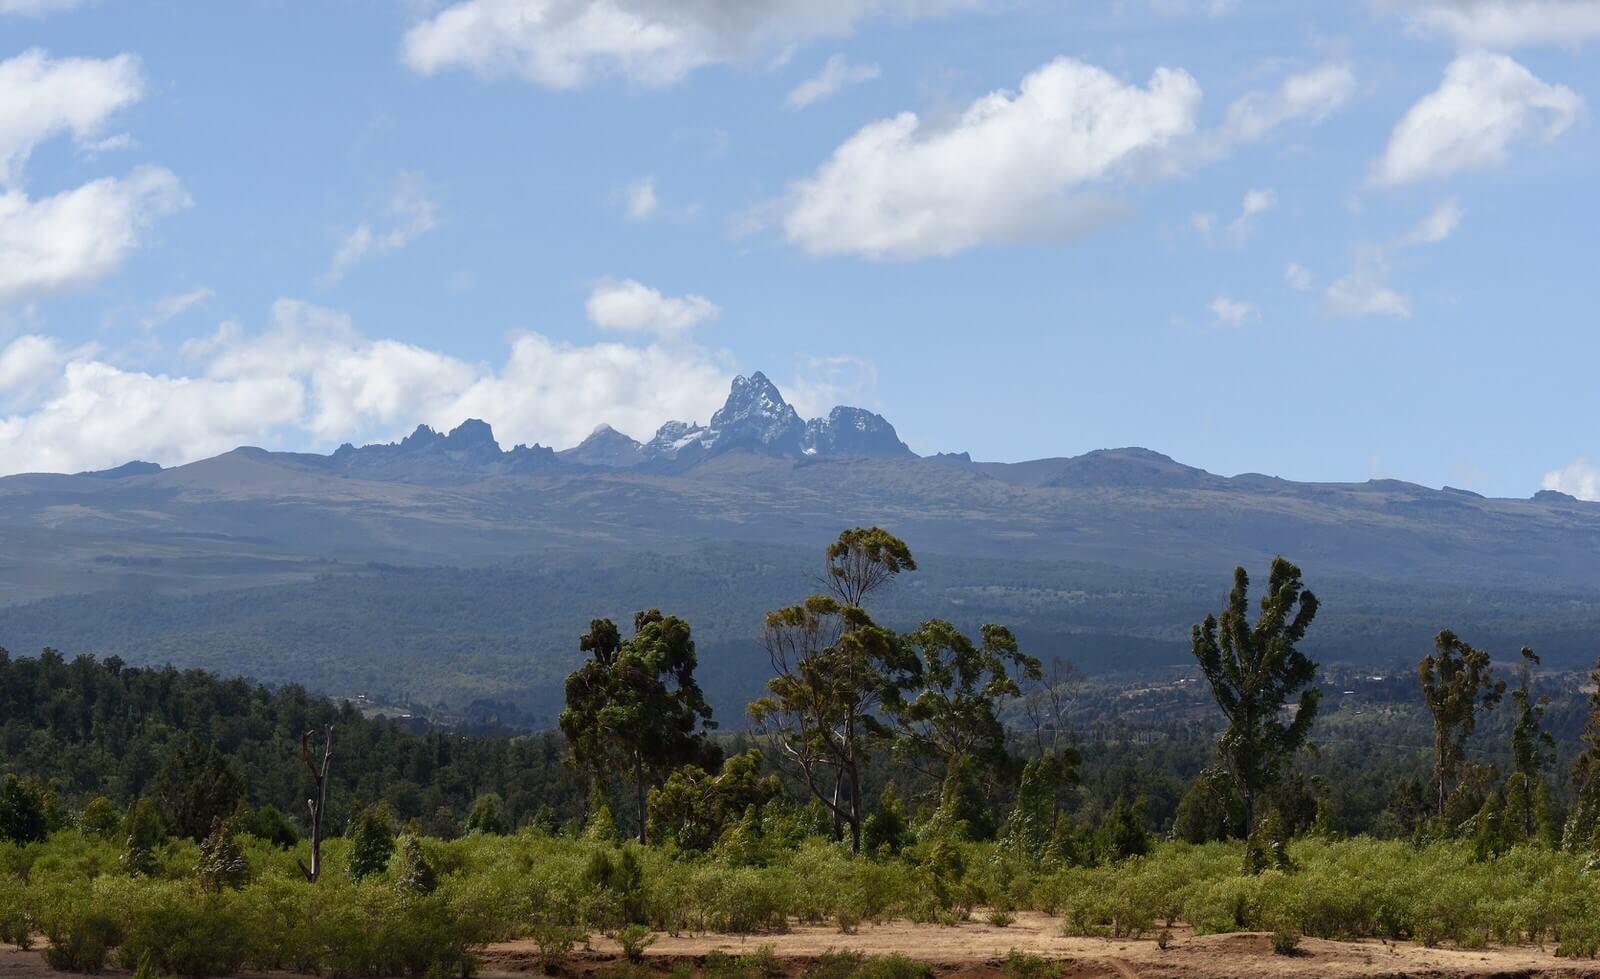 Mt. Kenya National Park Day Tour